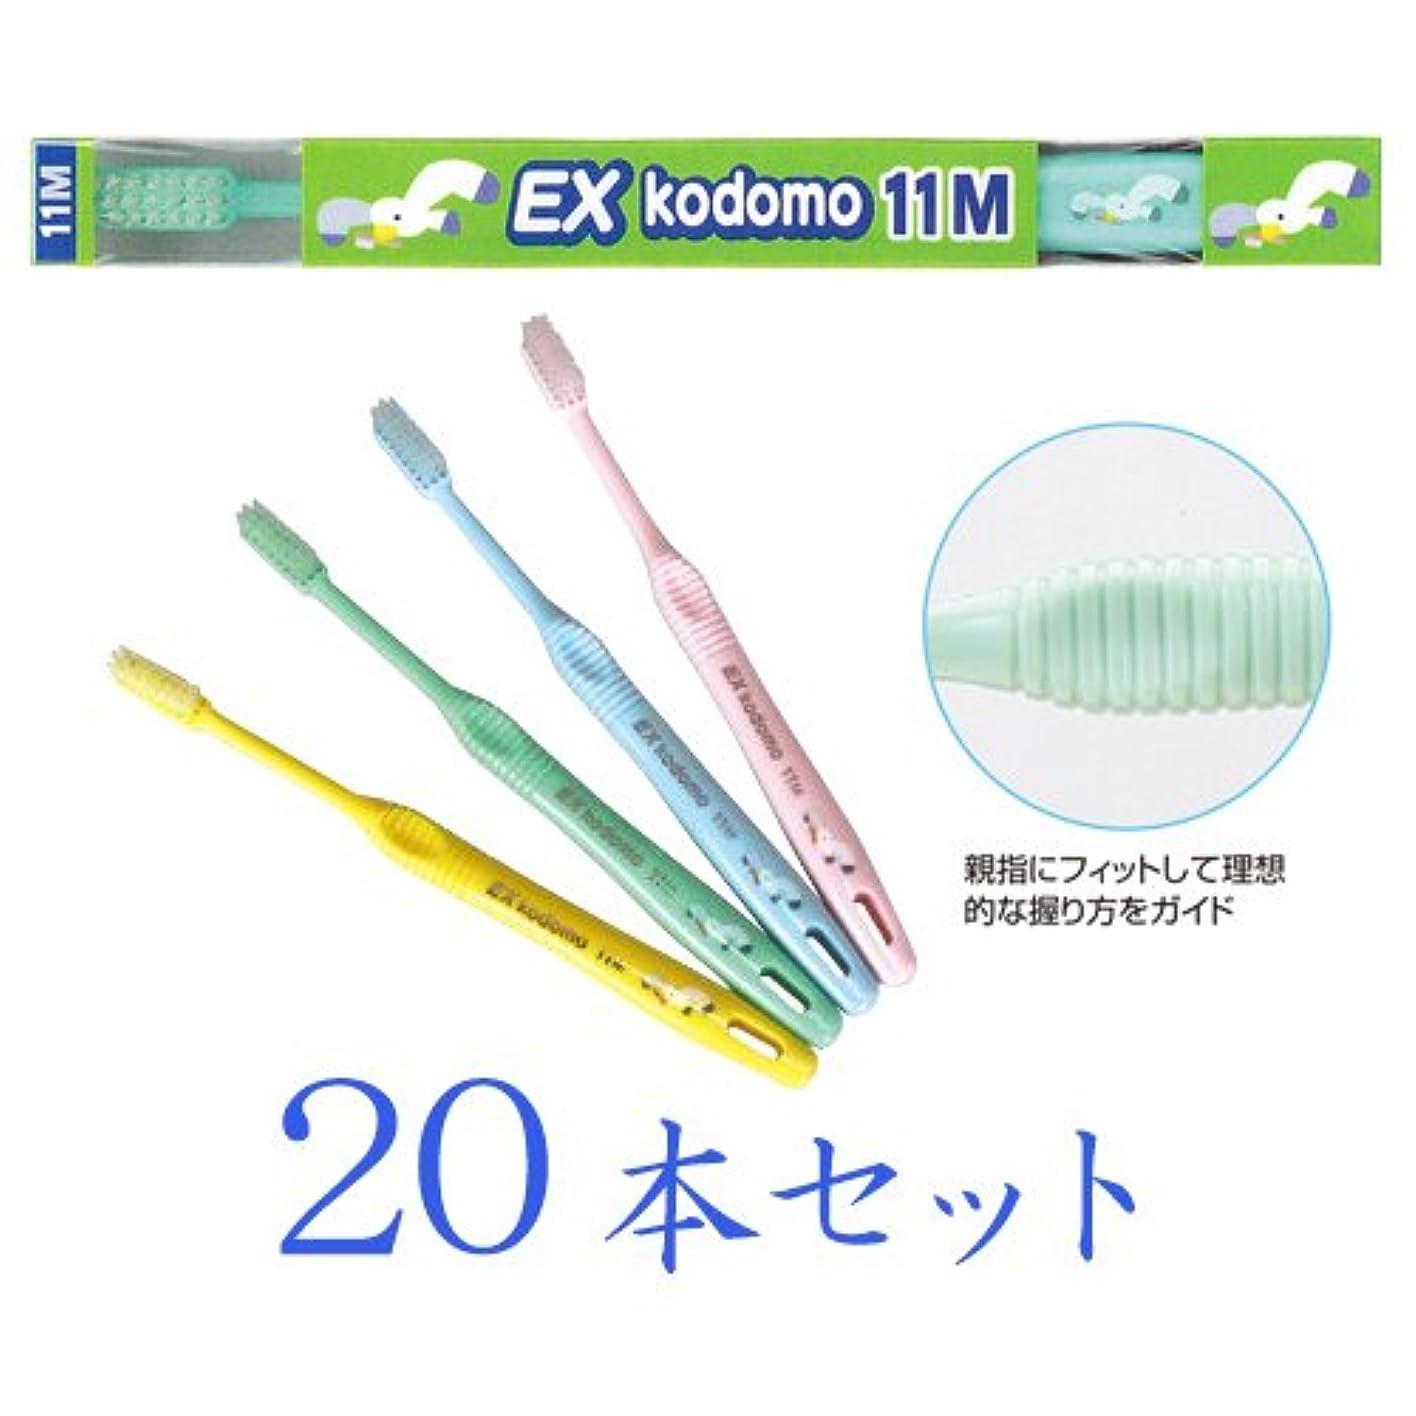 シェルター枯渇付けるライオン DENT.EX コドモ歯ブラシ 20本入 11M(混合歯列後期用?8~12歳)(カモメ)